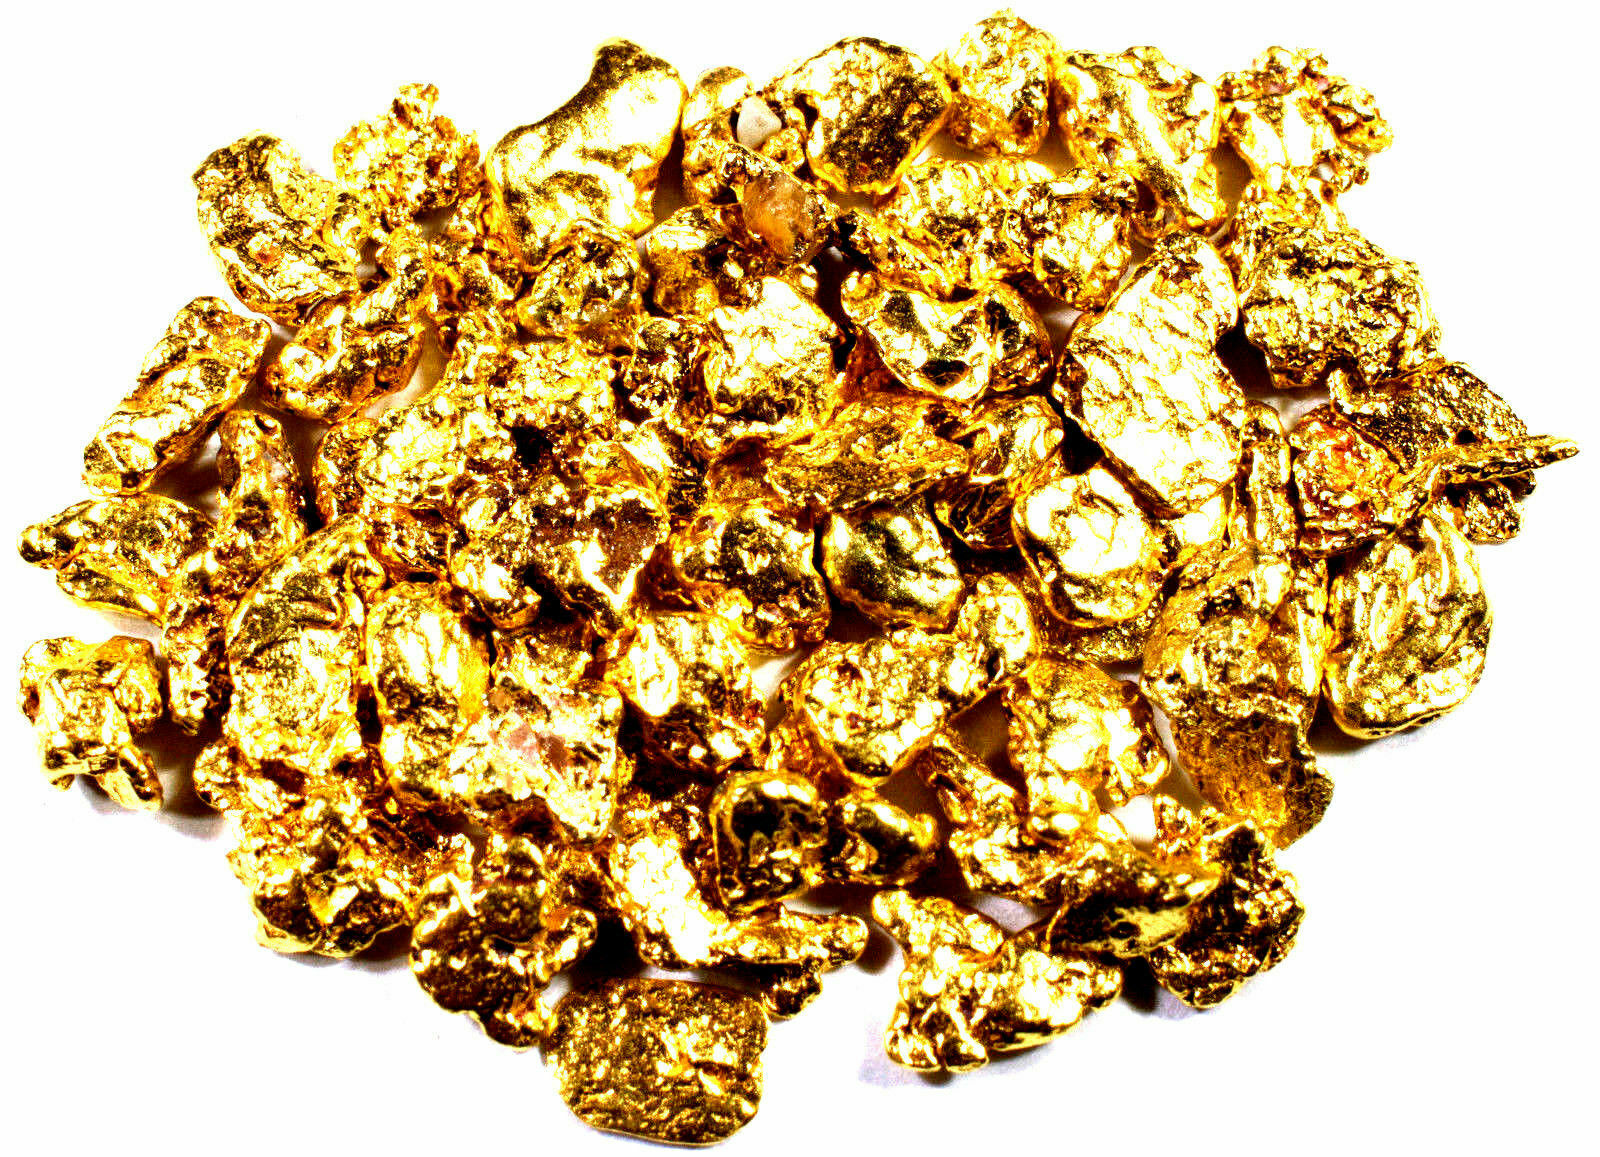 0.500 GRAMS ALASKAN YUKON BC NATURAL PURE GOLD NUGGETS #18 MESH FREE SHIPPING